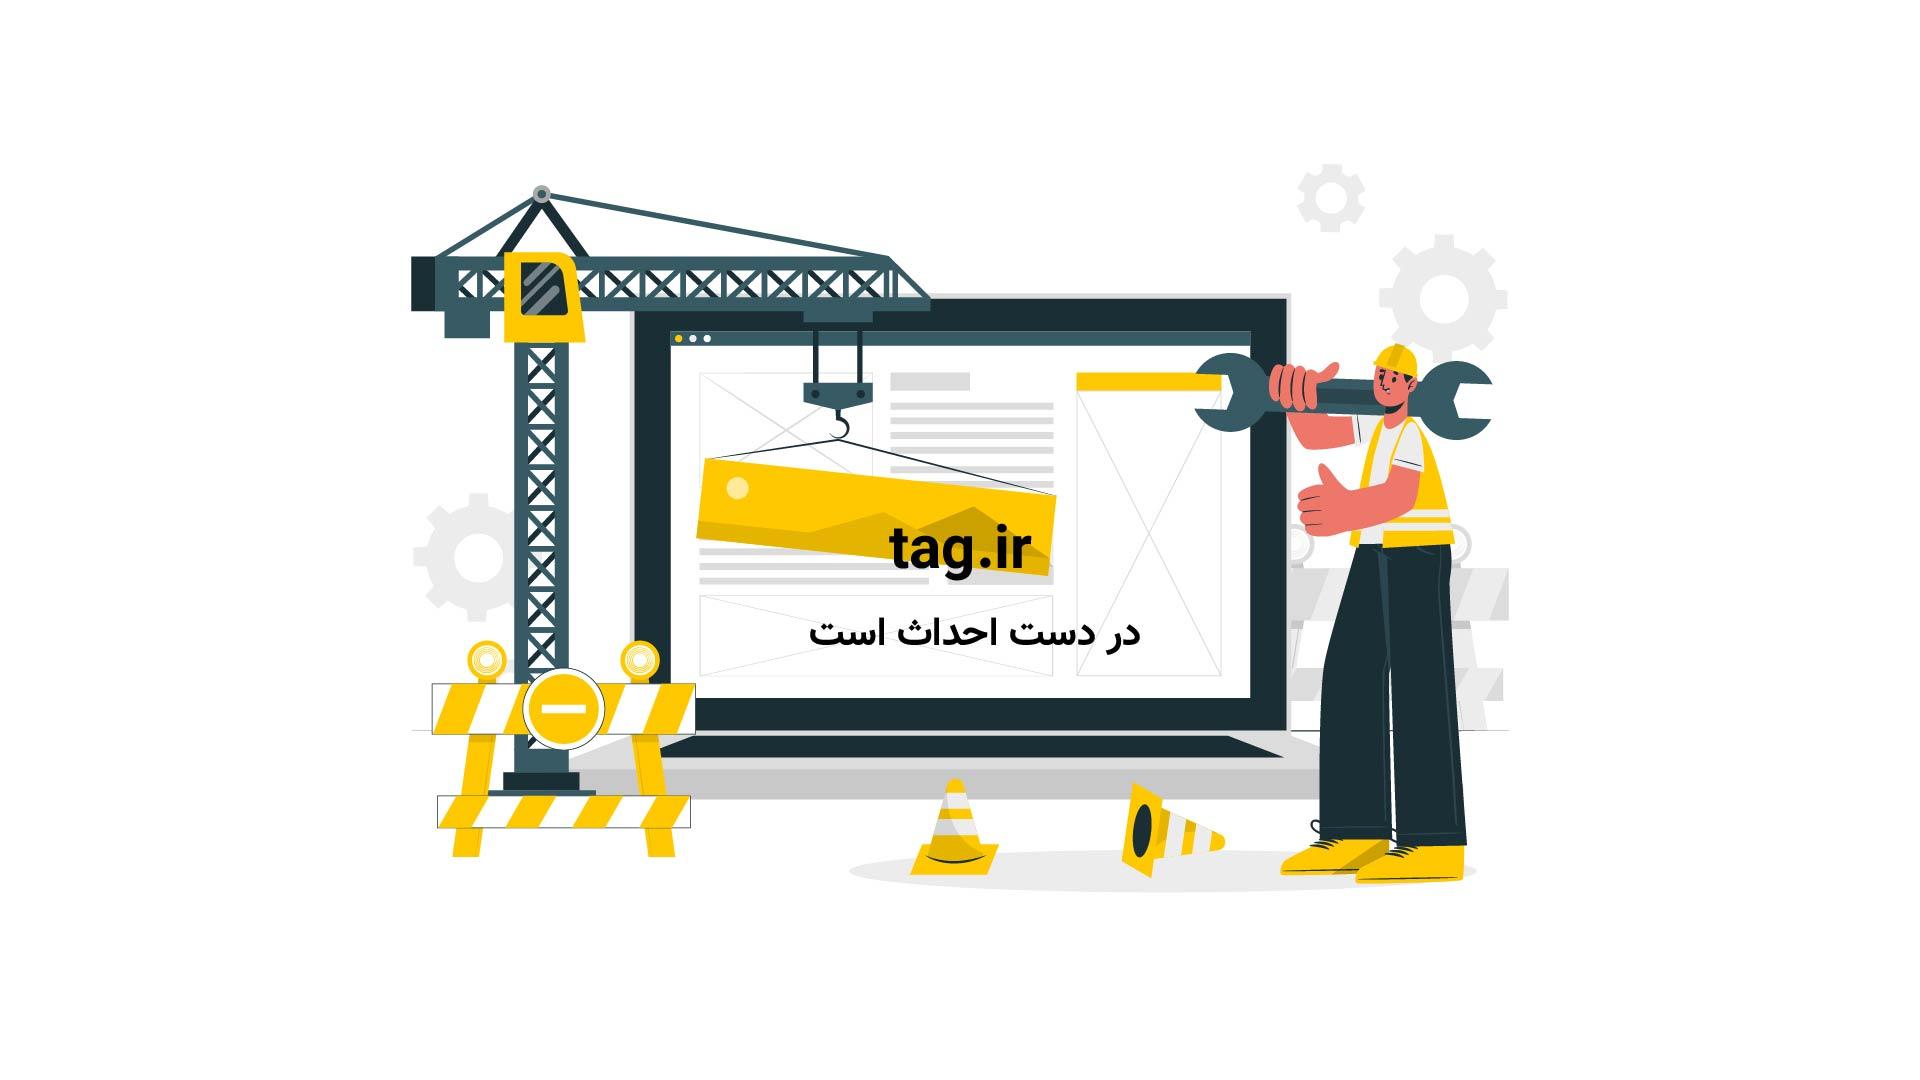 عروسک های شناور در پولک و رویا؛ آب و گلیسیرین | فیلم